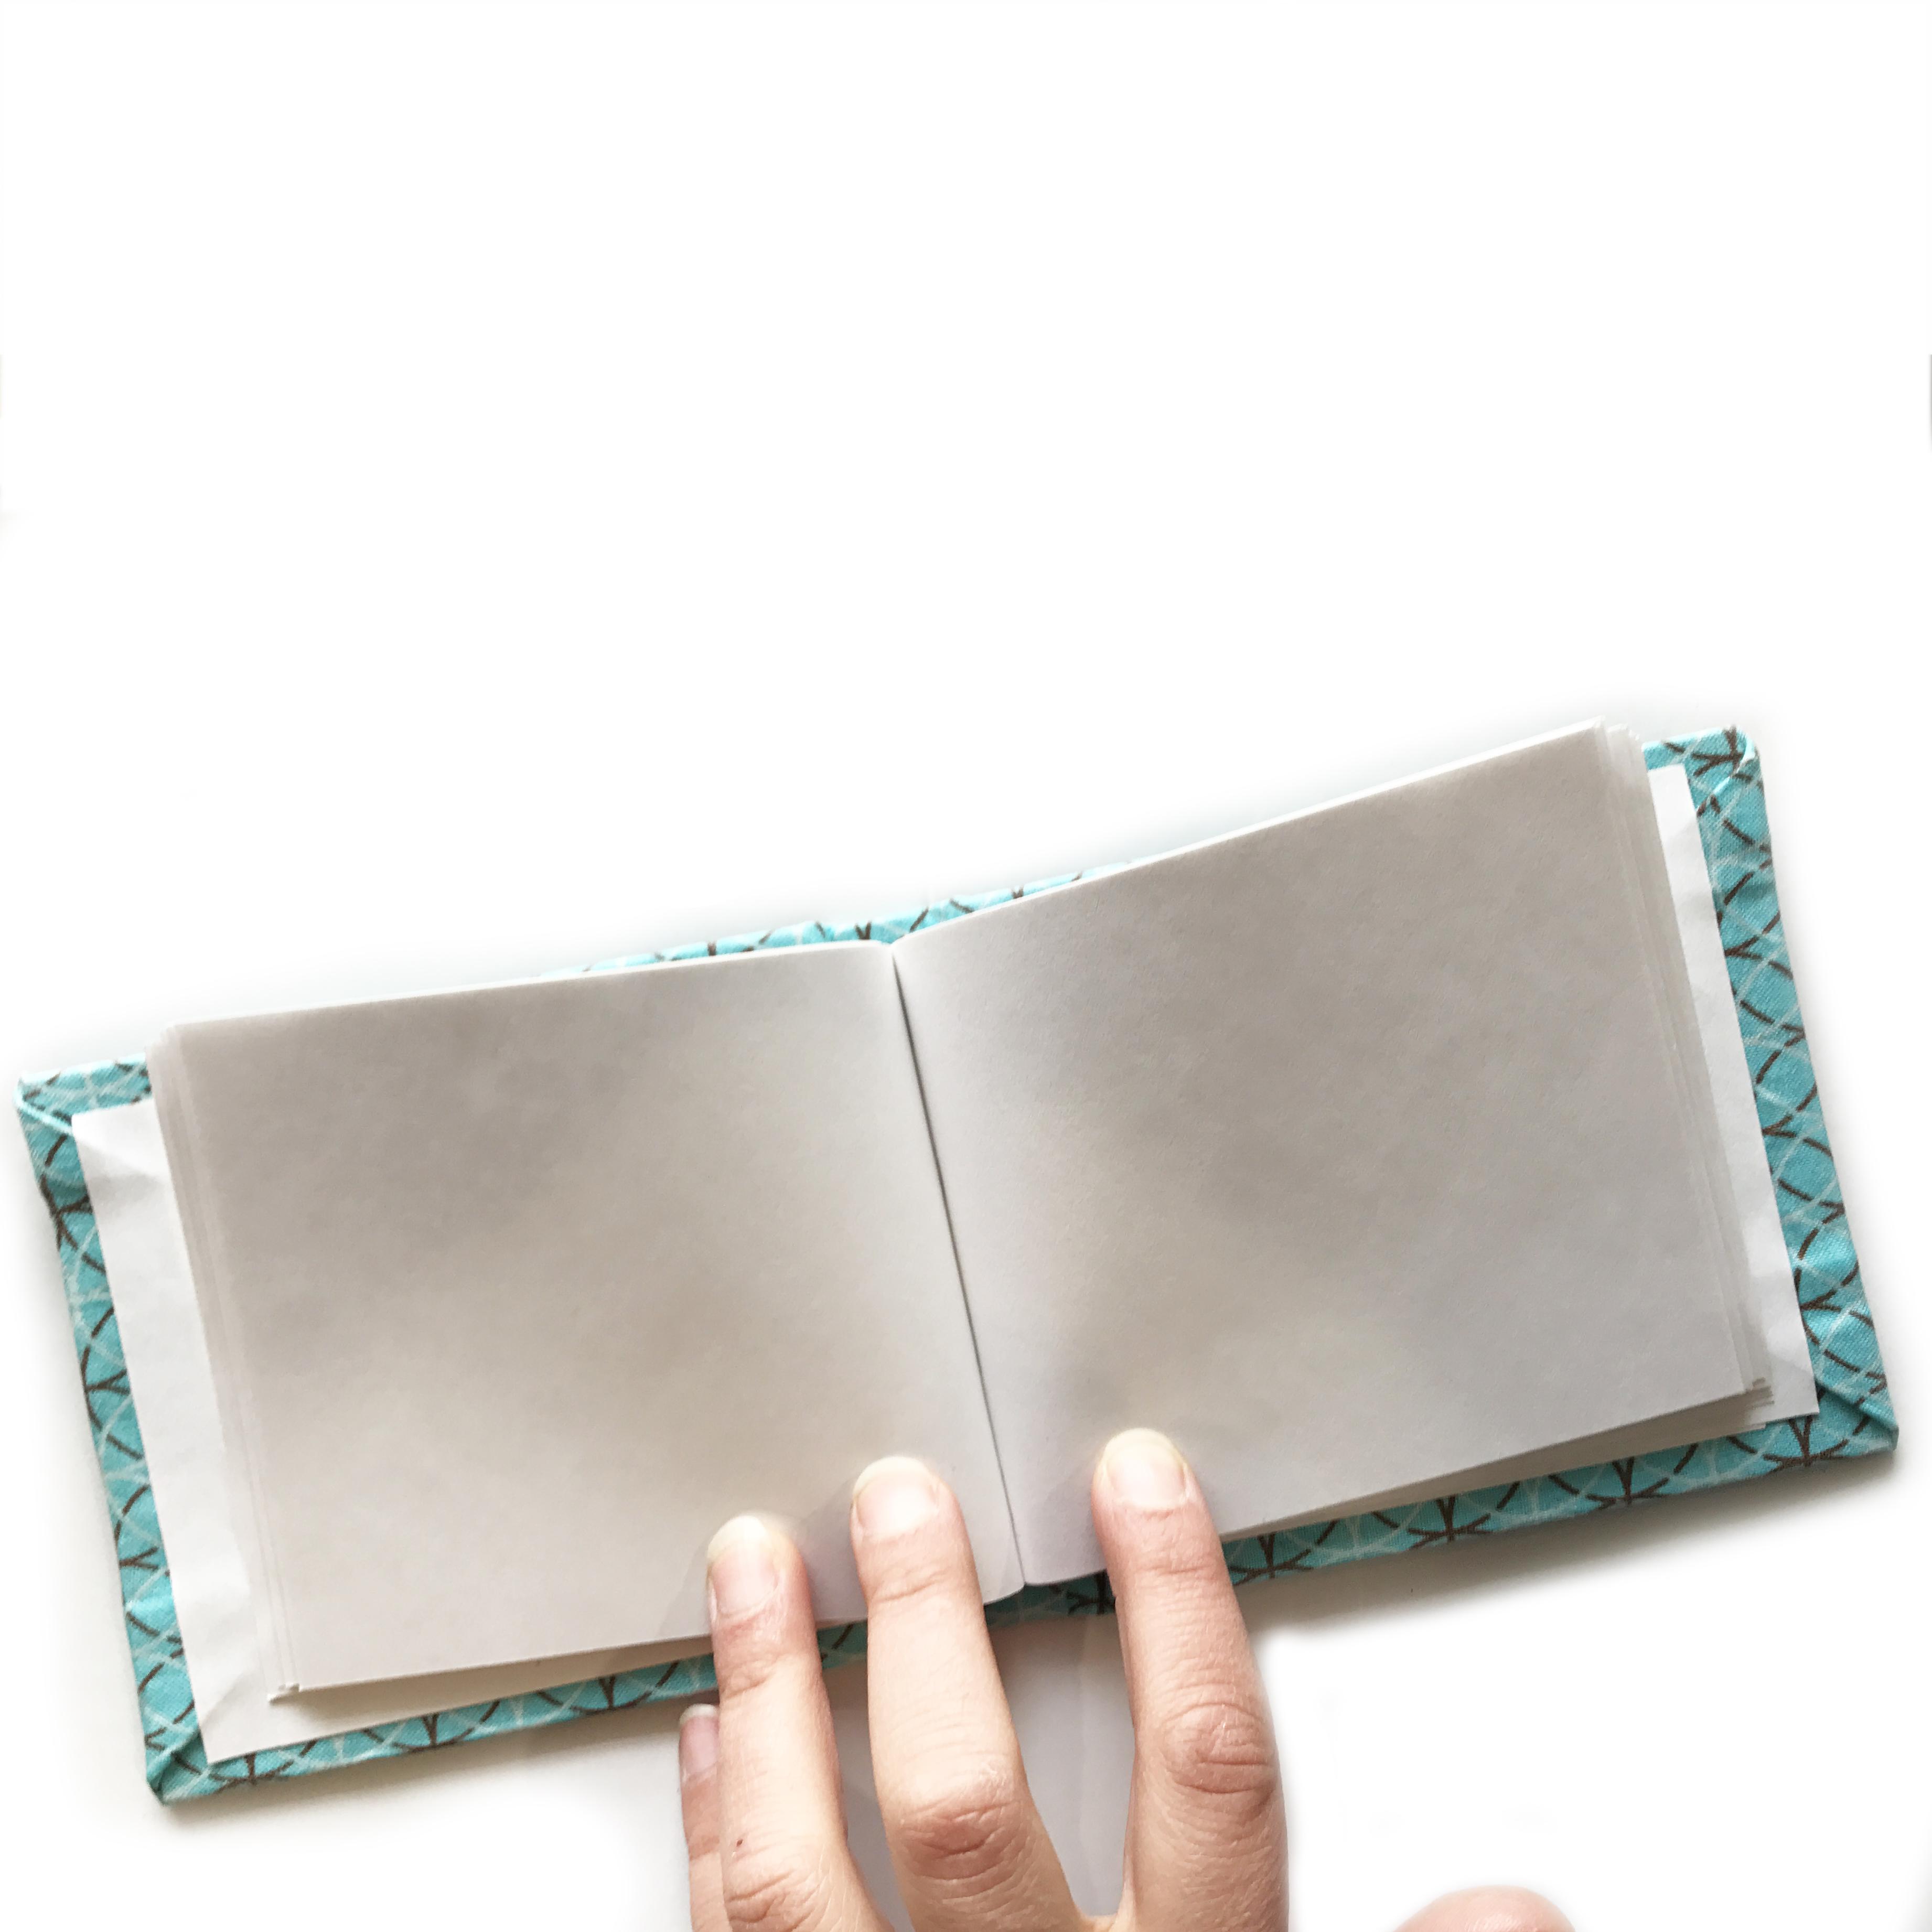 handmade in buffalo waterproof journal